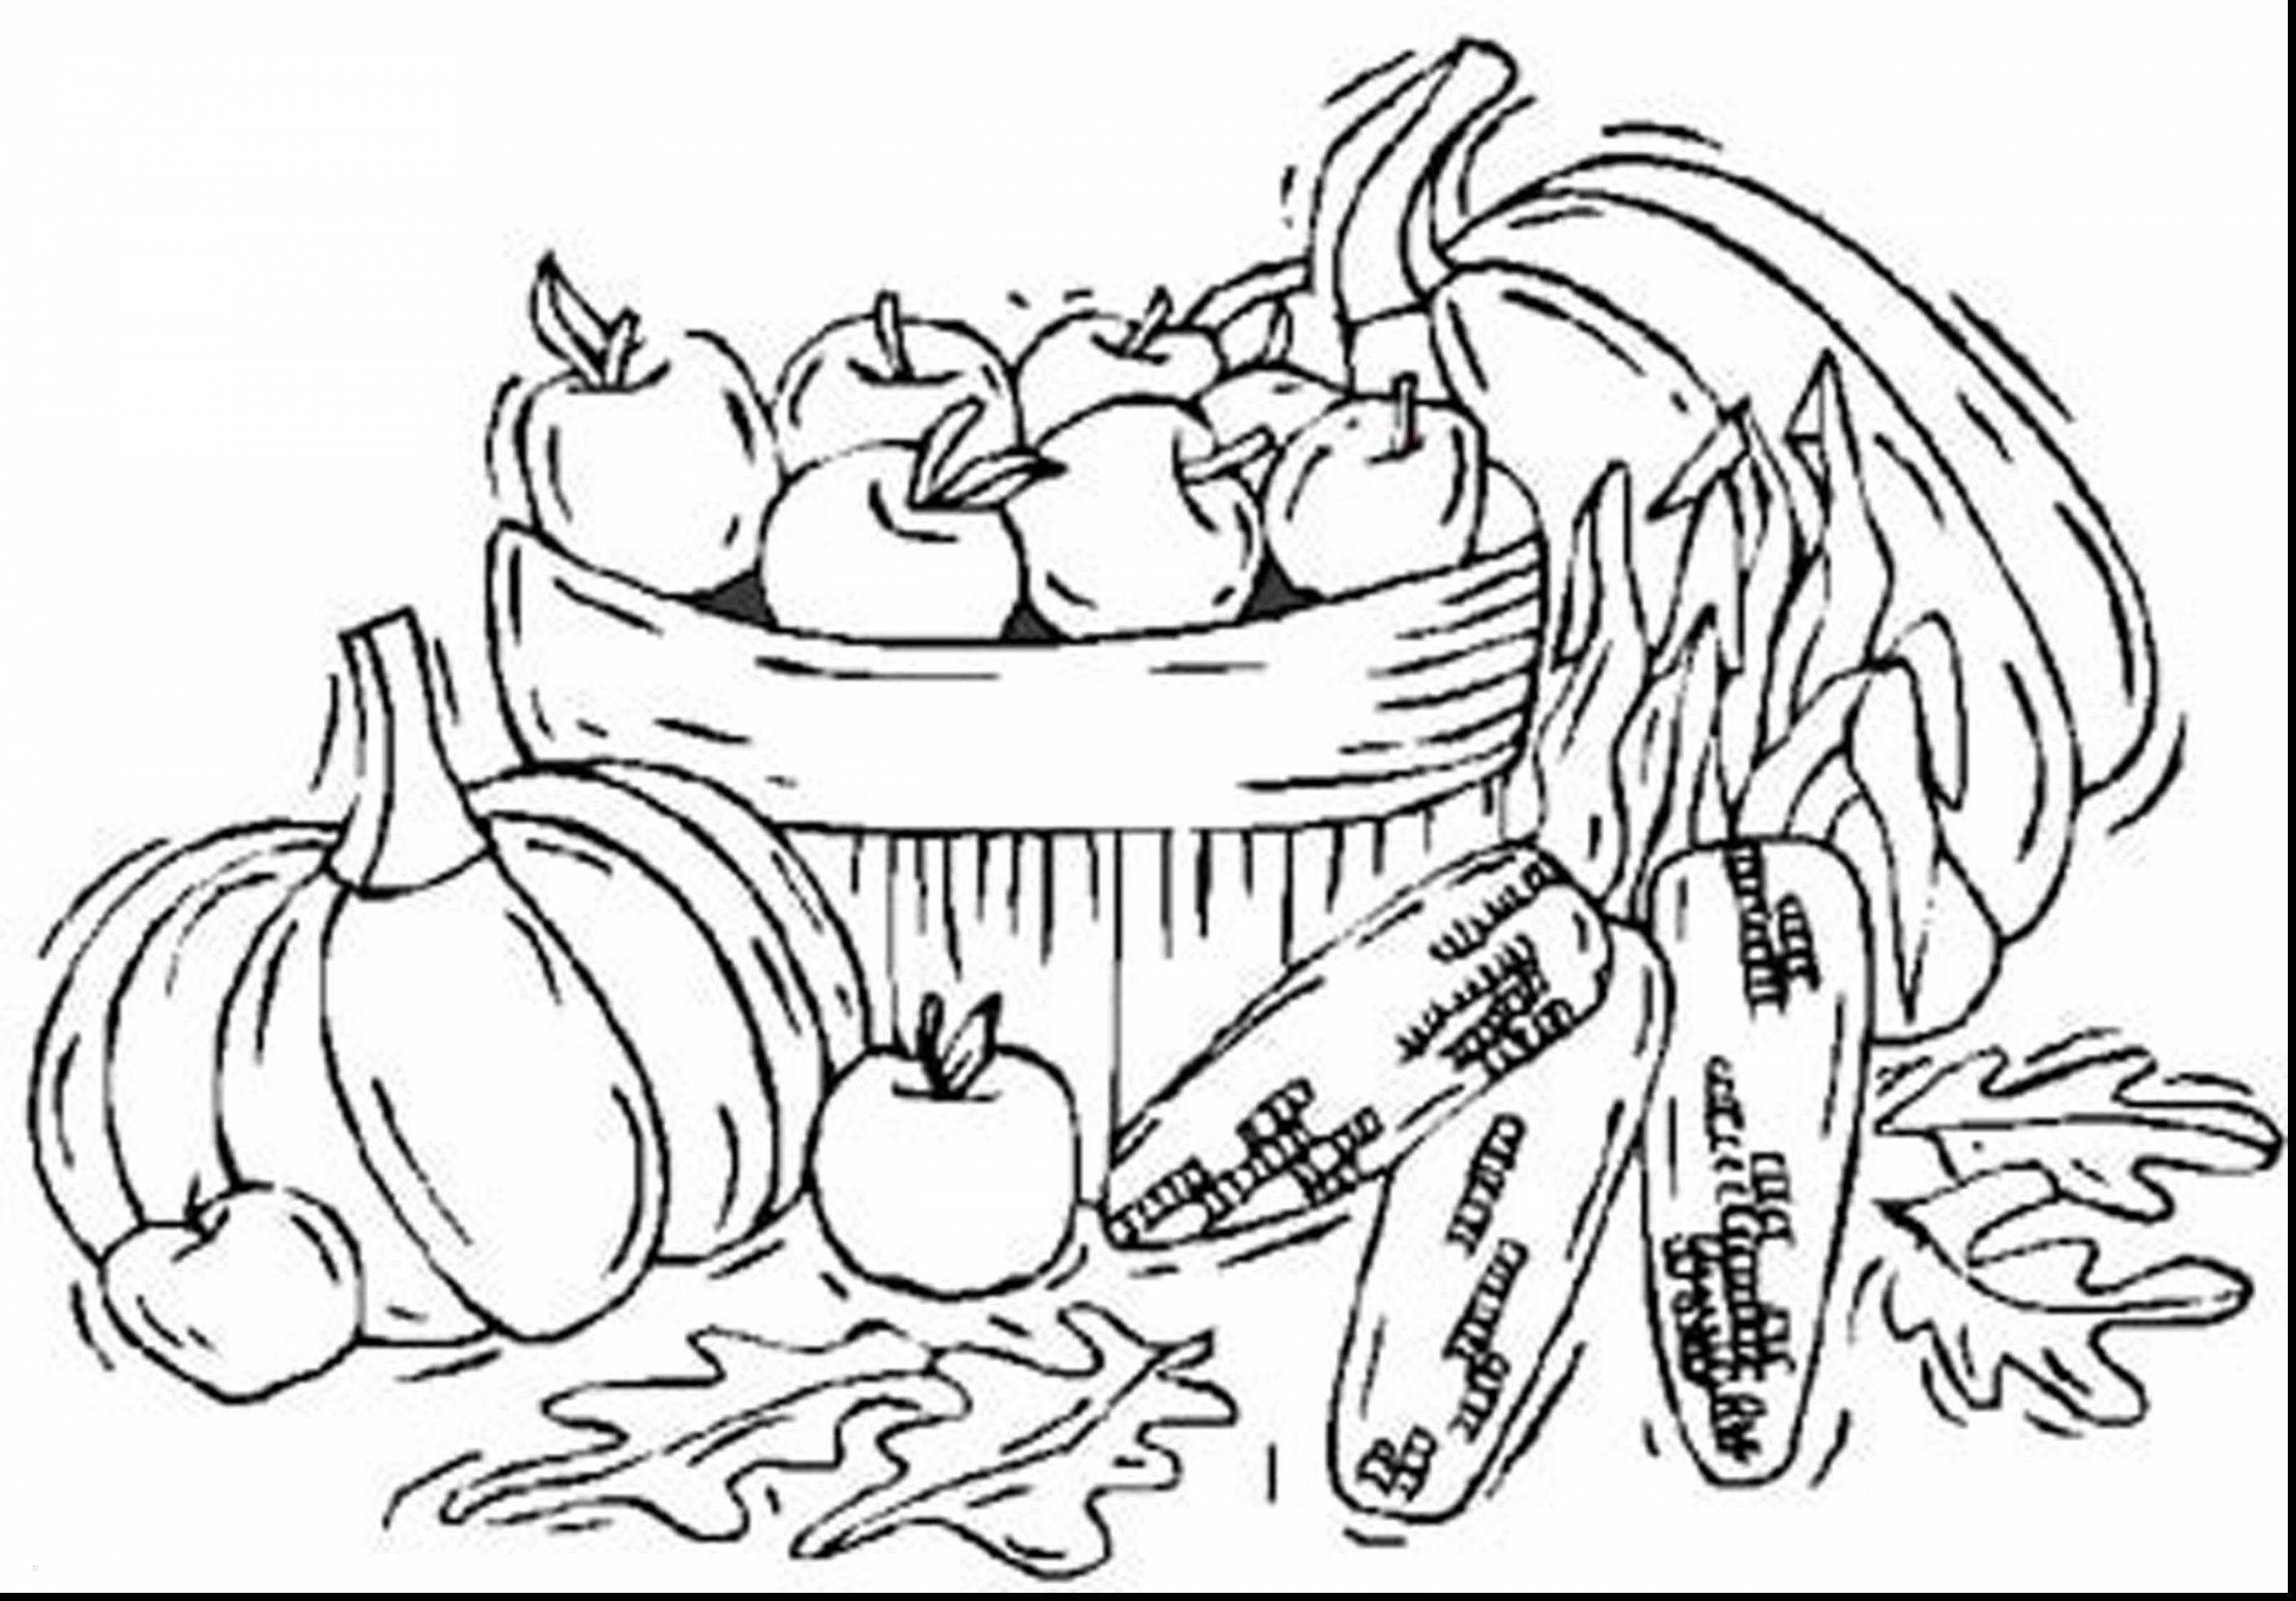 Ausmalbilder Minni Maus Frisch 40 Ausmalbilder Herbst Igel Scoredatscore Frisch Ausmalbilder Mini Bilder